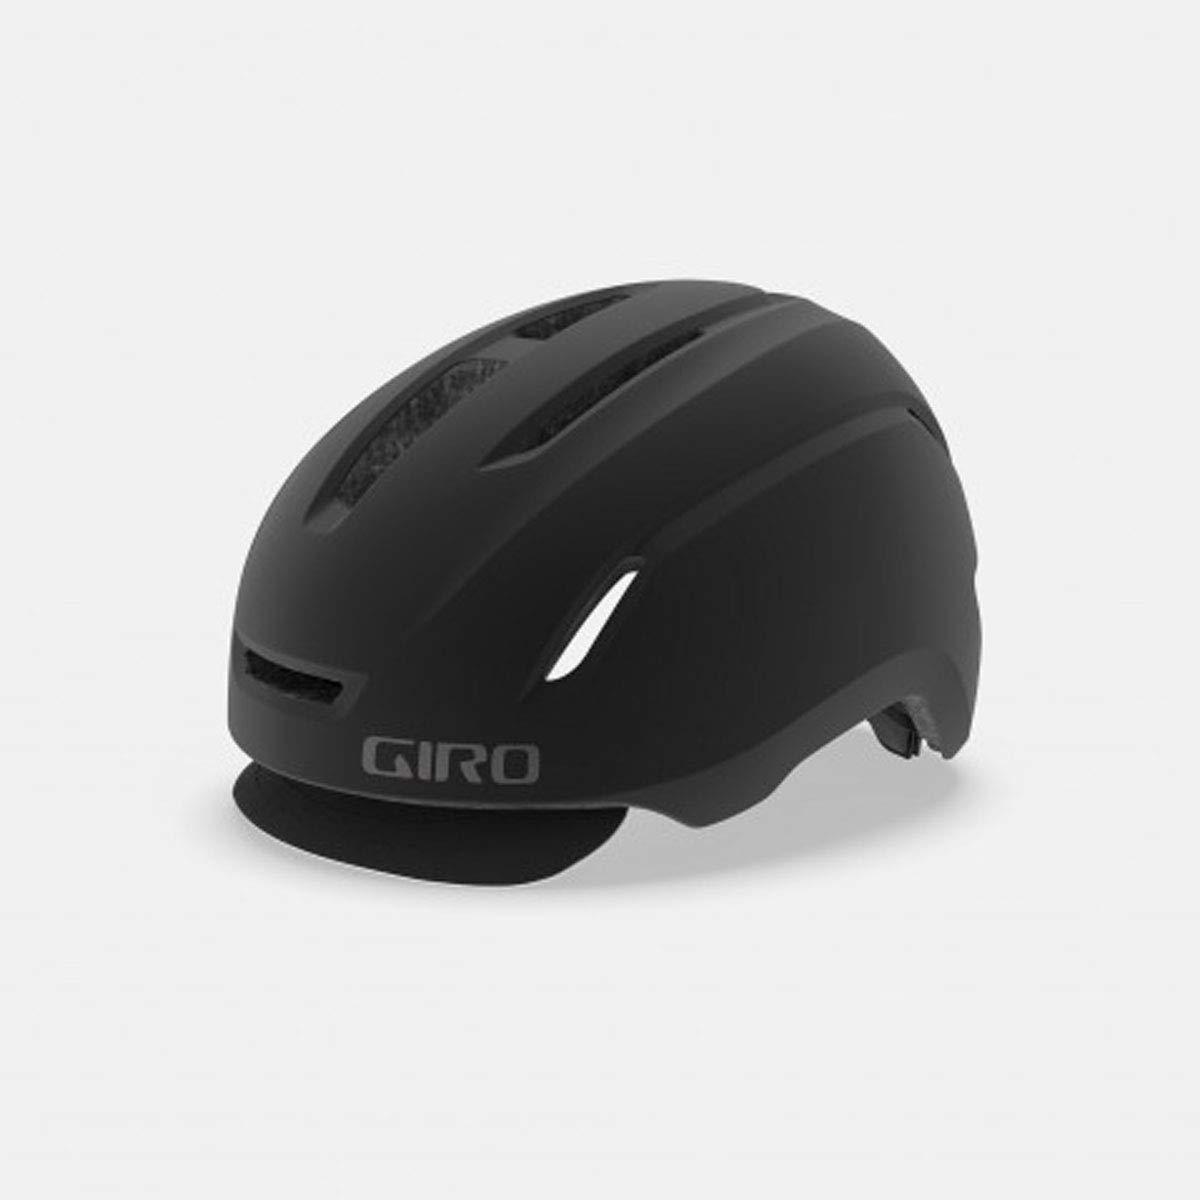 Amazon.com: Giro Caden MIPS Urban - Casco de ciclismo ...